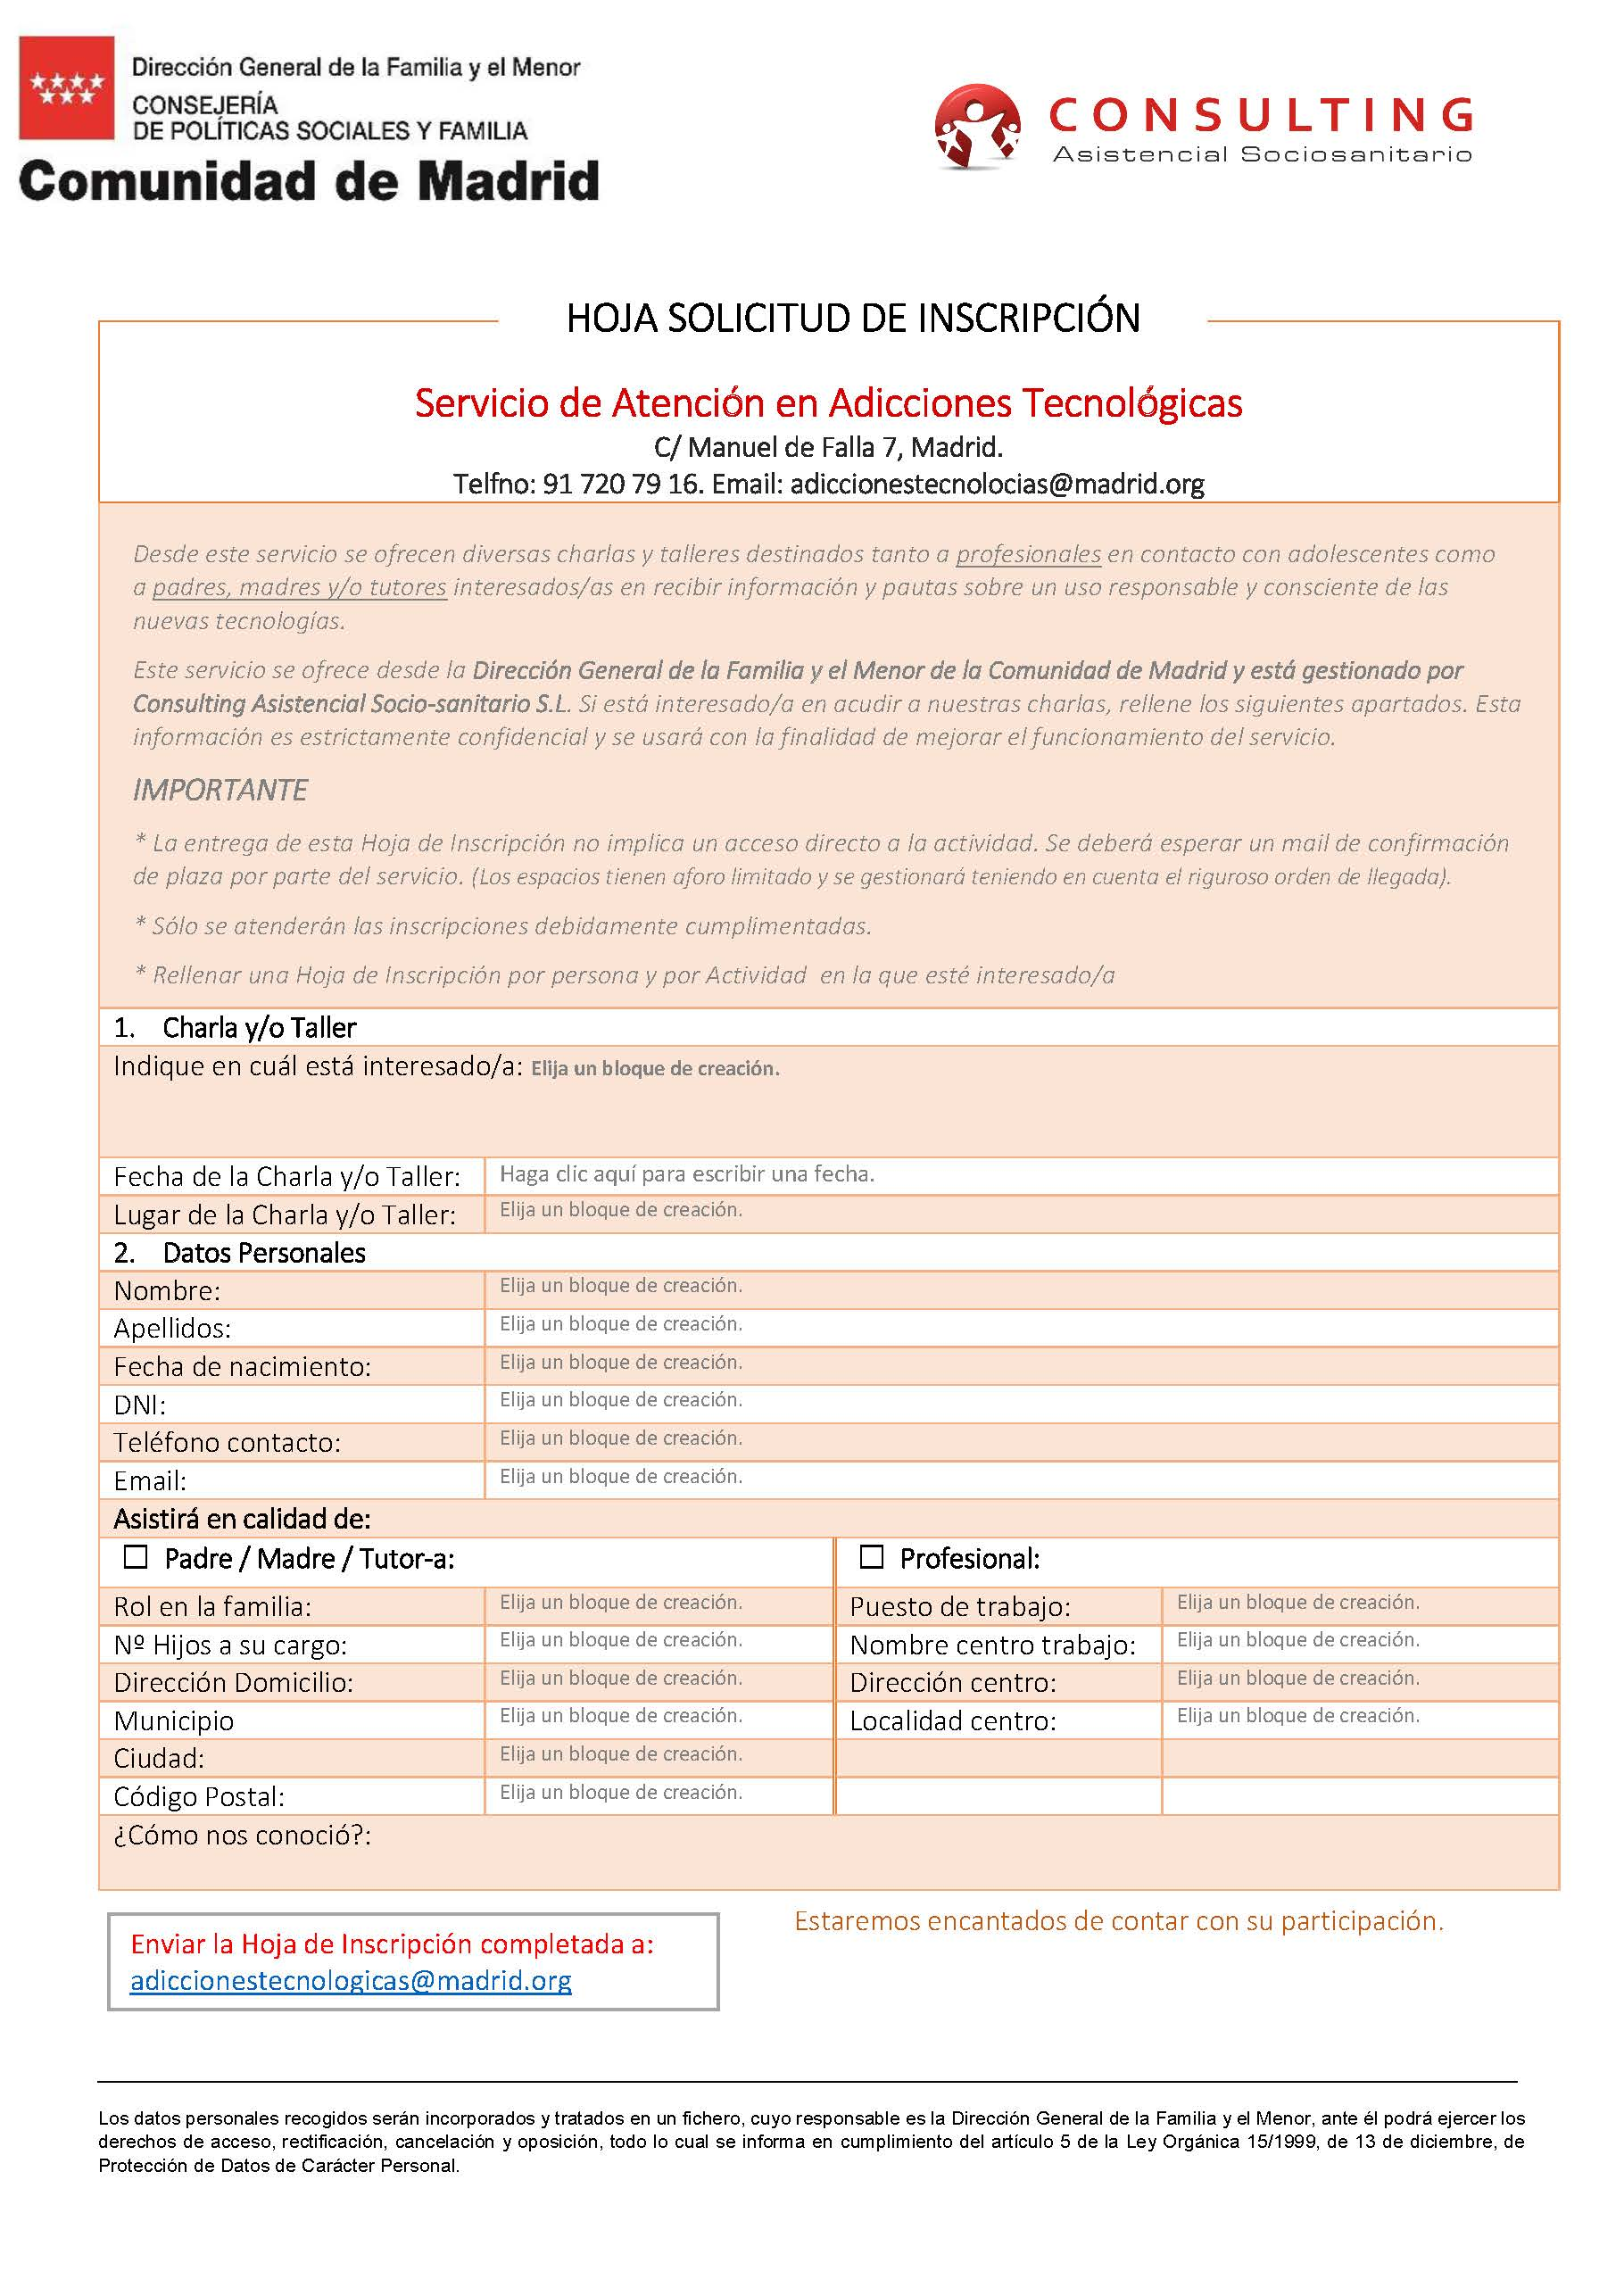 Atención en Adicciones Tecnológicas